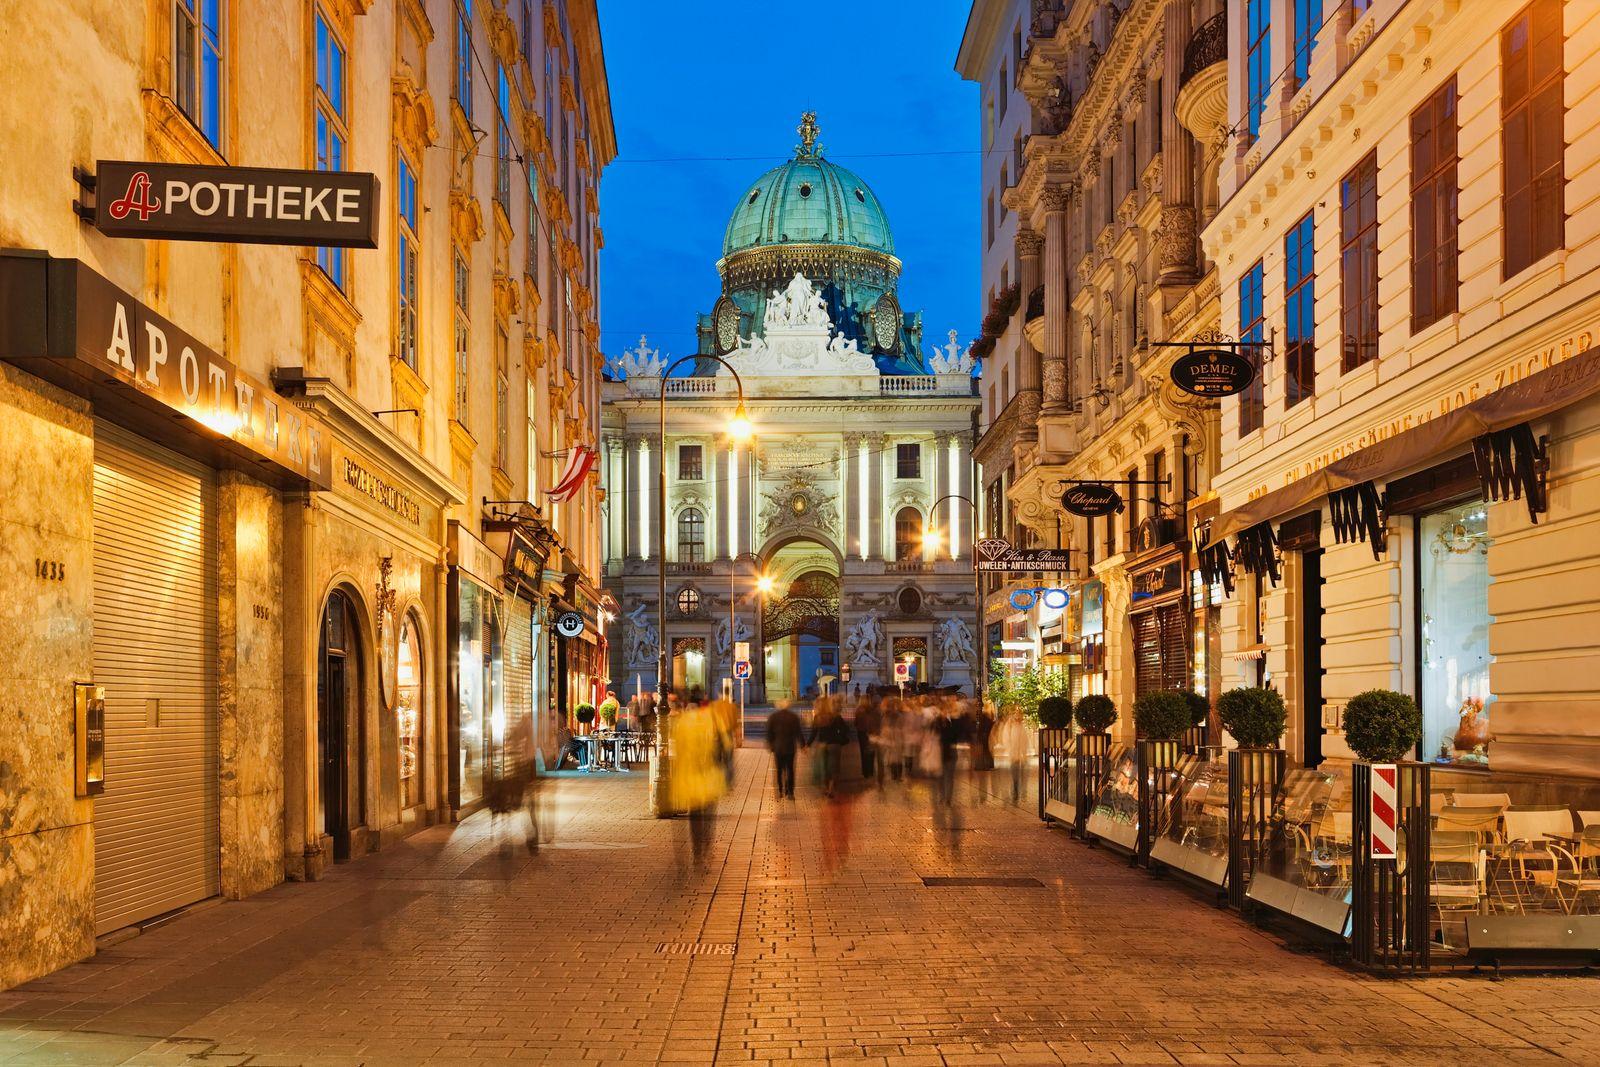 NICHT MEHR VERWENDEN! - Wien / Österreich / Kohlmarkt